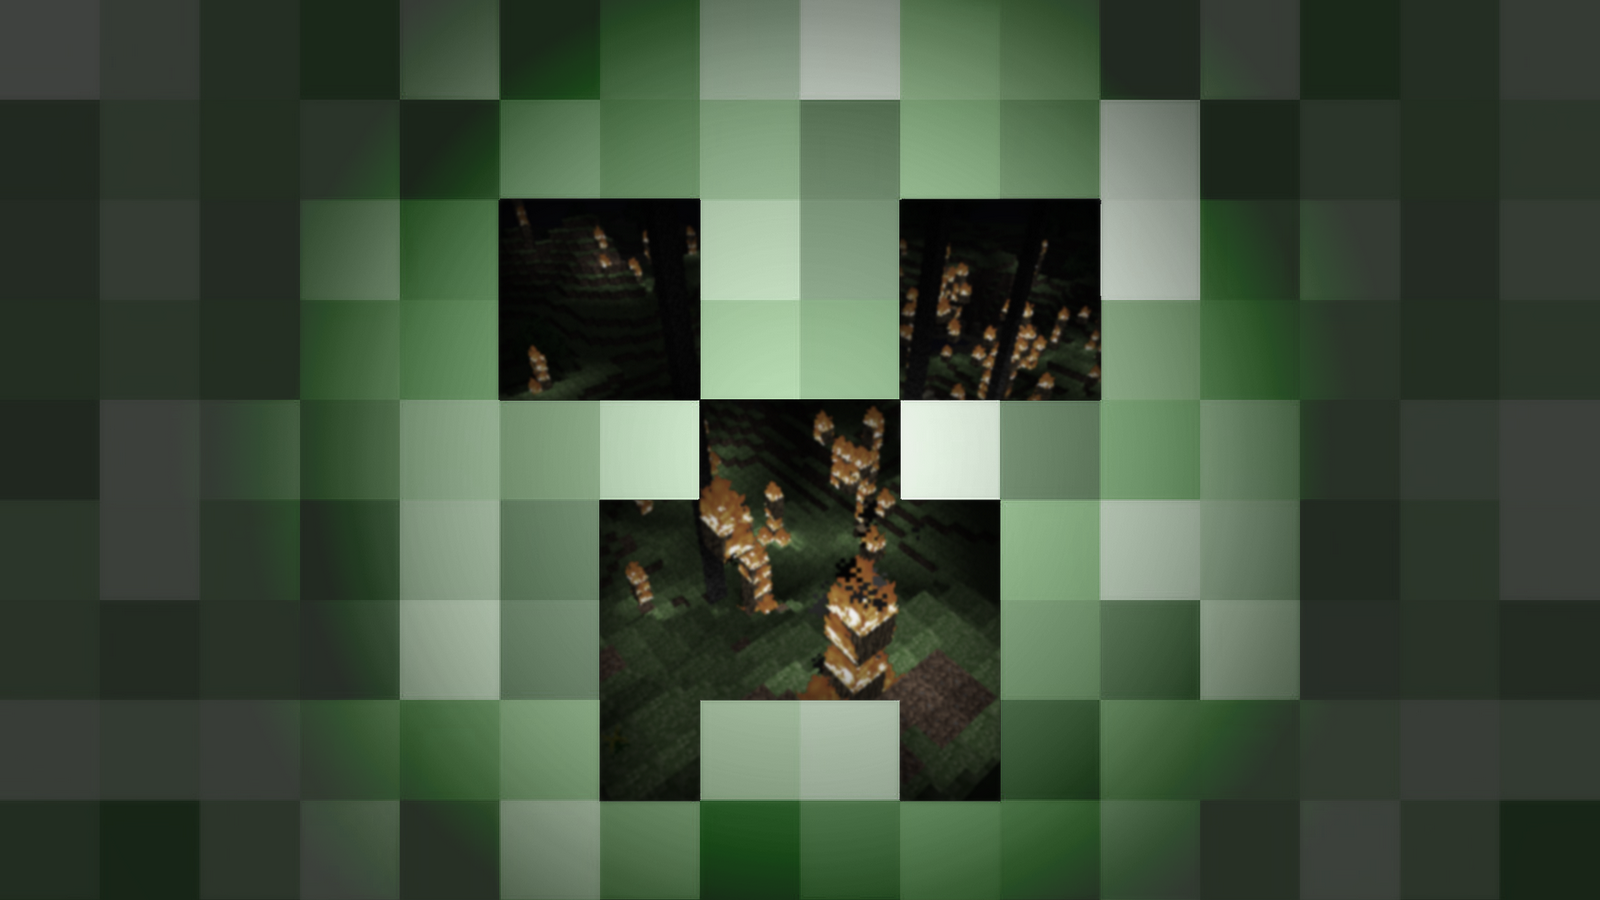 Zombiecraft Minecraft Mod PC Minecraft Wallpaper Mod View Original 1600x900